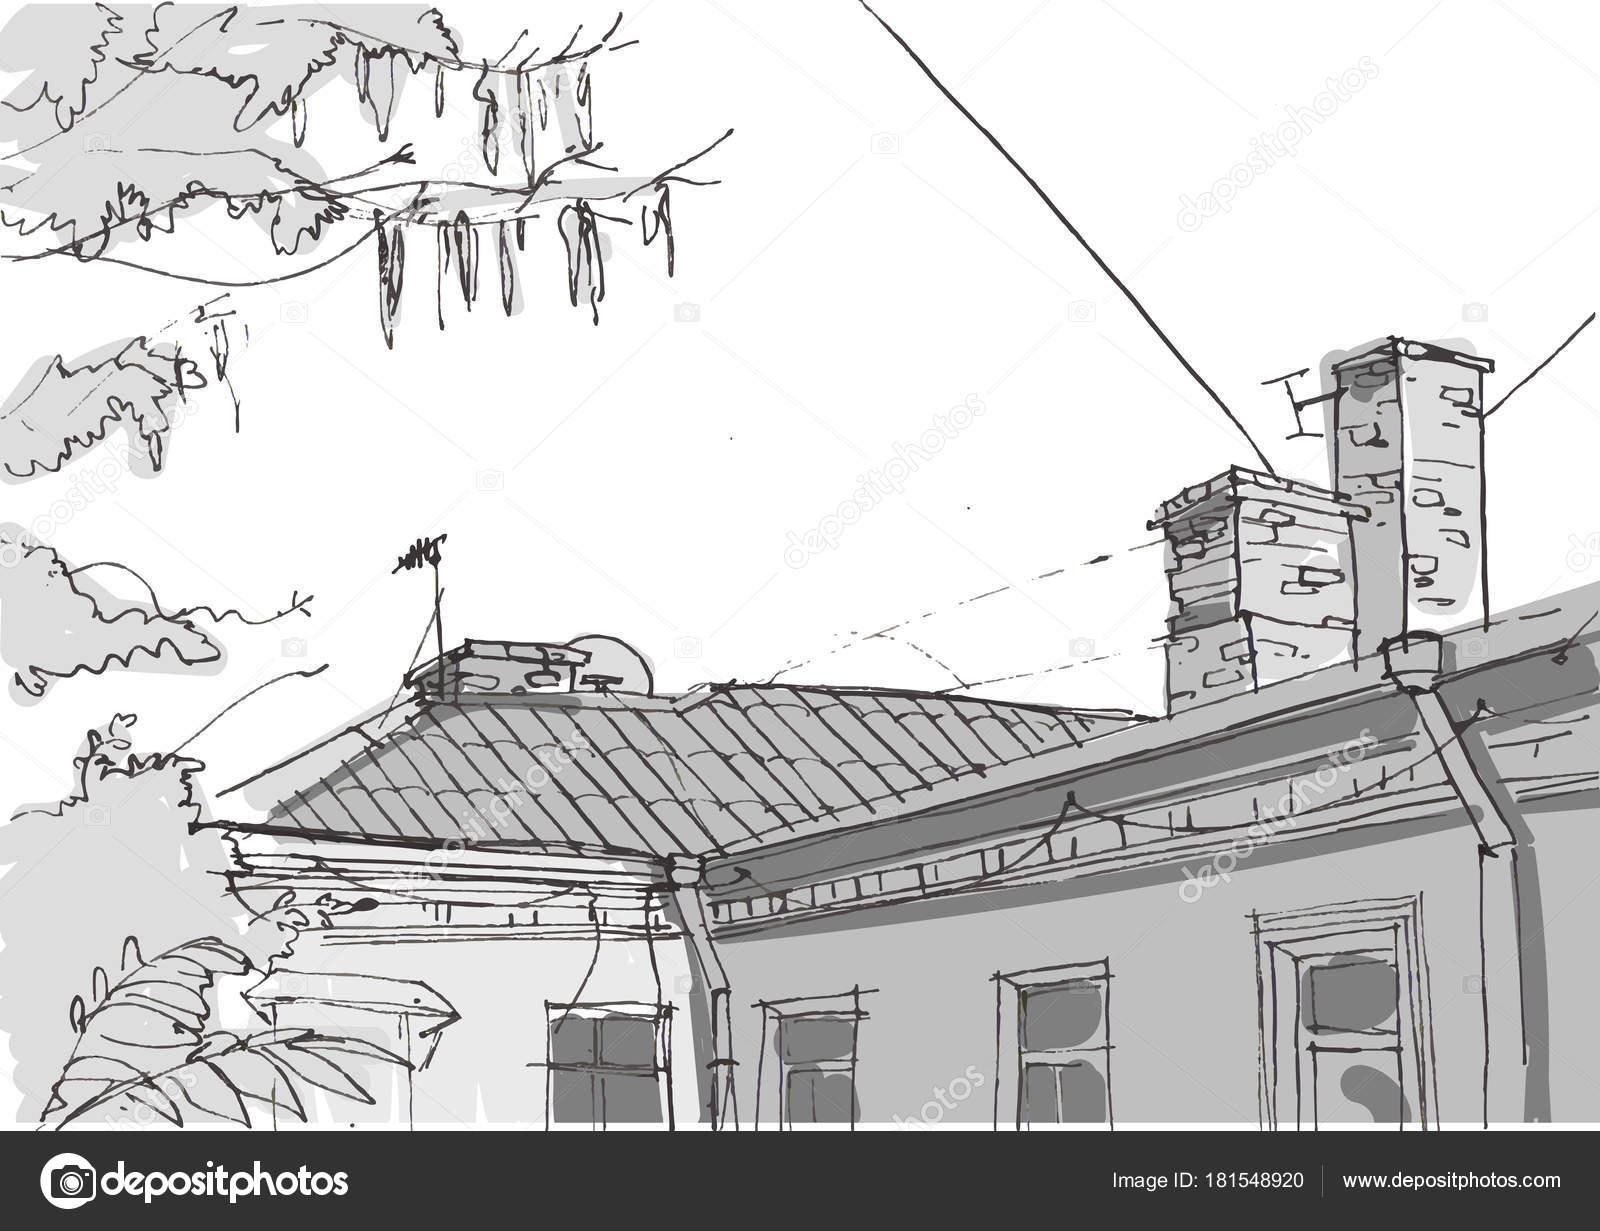 Architektur Skizze Handgezeichnete Vektor Illustration Doodle Zeichnung Elemente Von Kizim